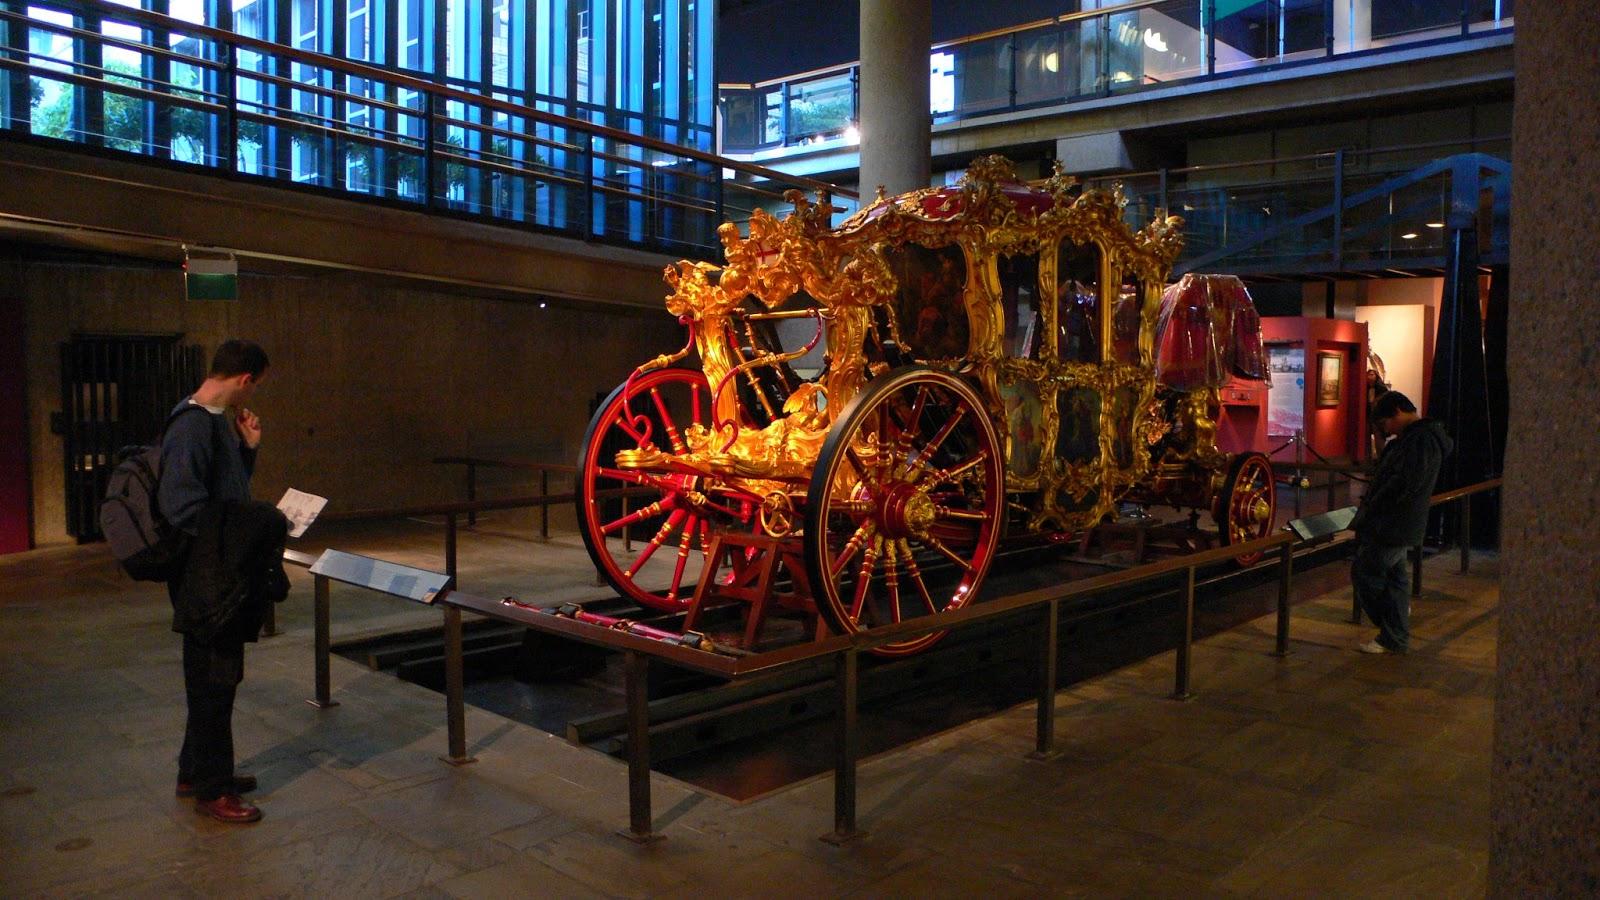 Museum dating london-in-Merker